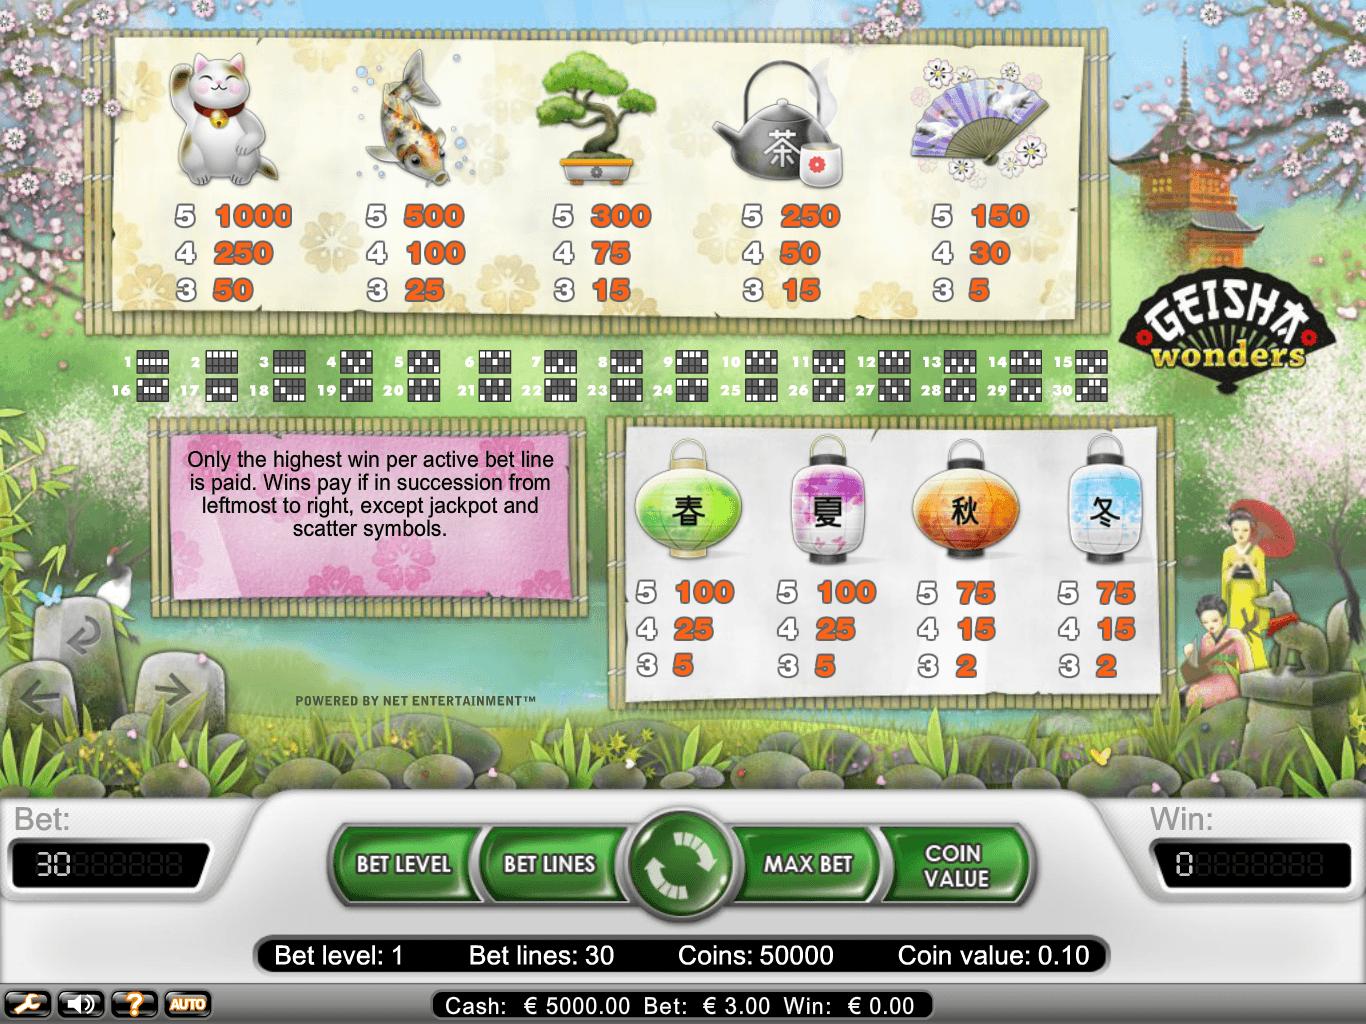 Geisha Wonders Slots - Play Geisha Wonders Slots Free Online.